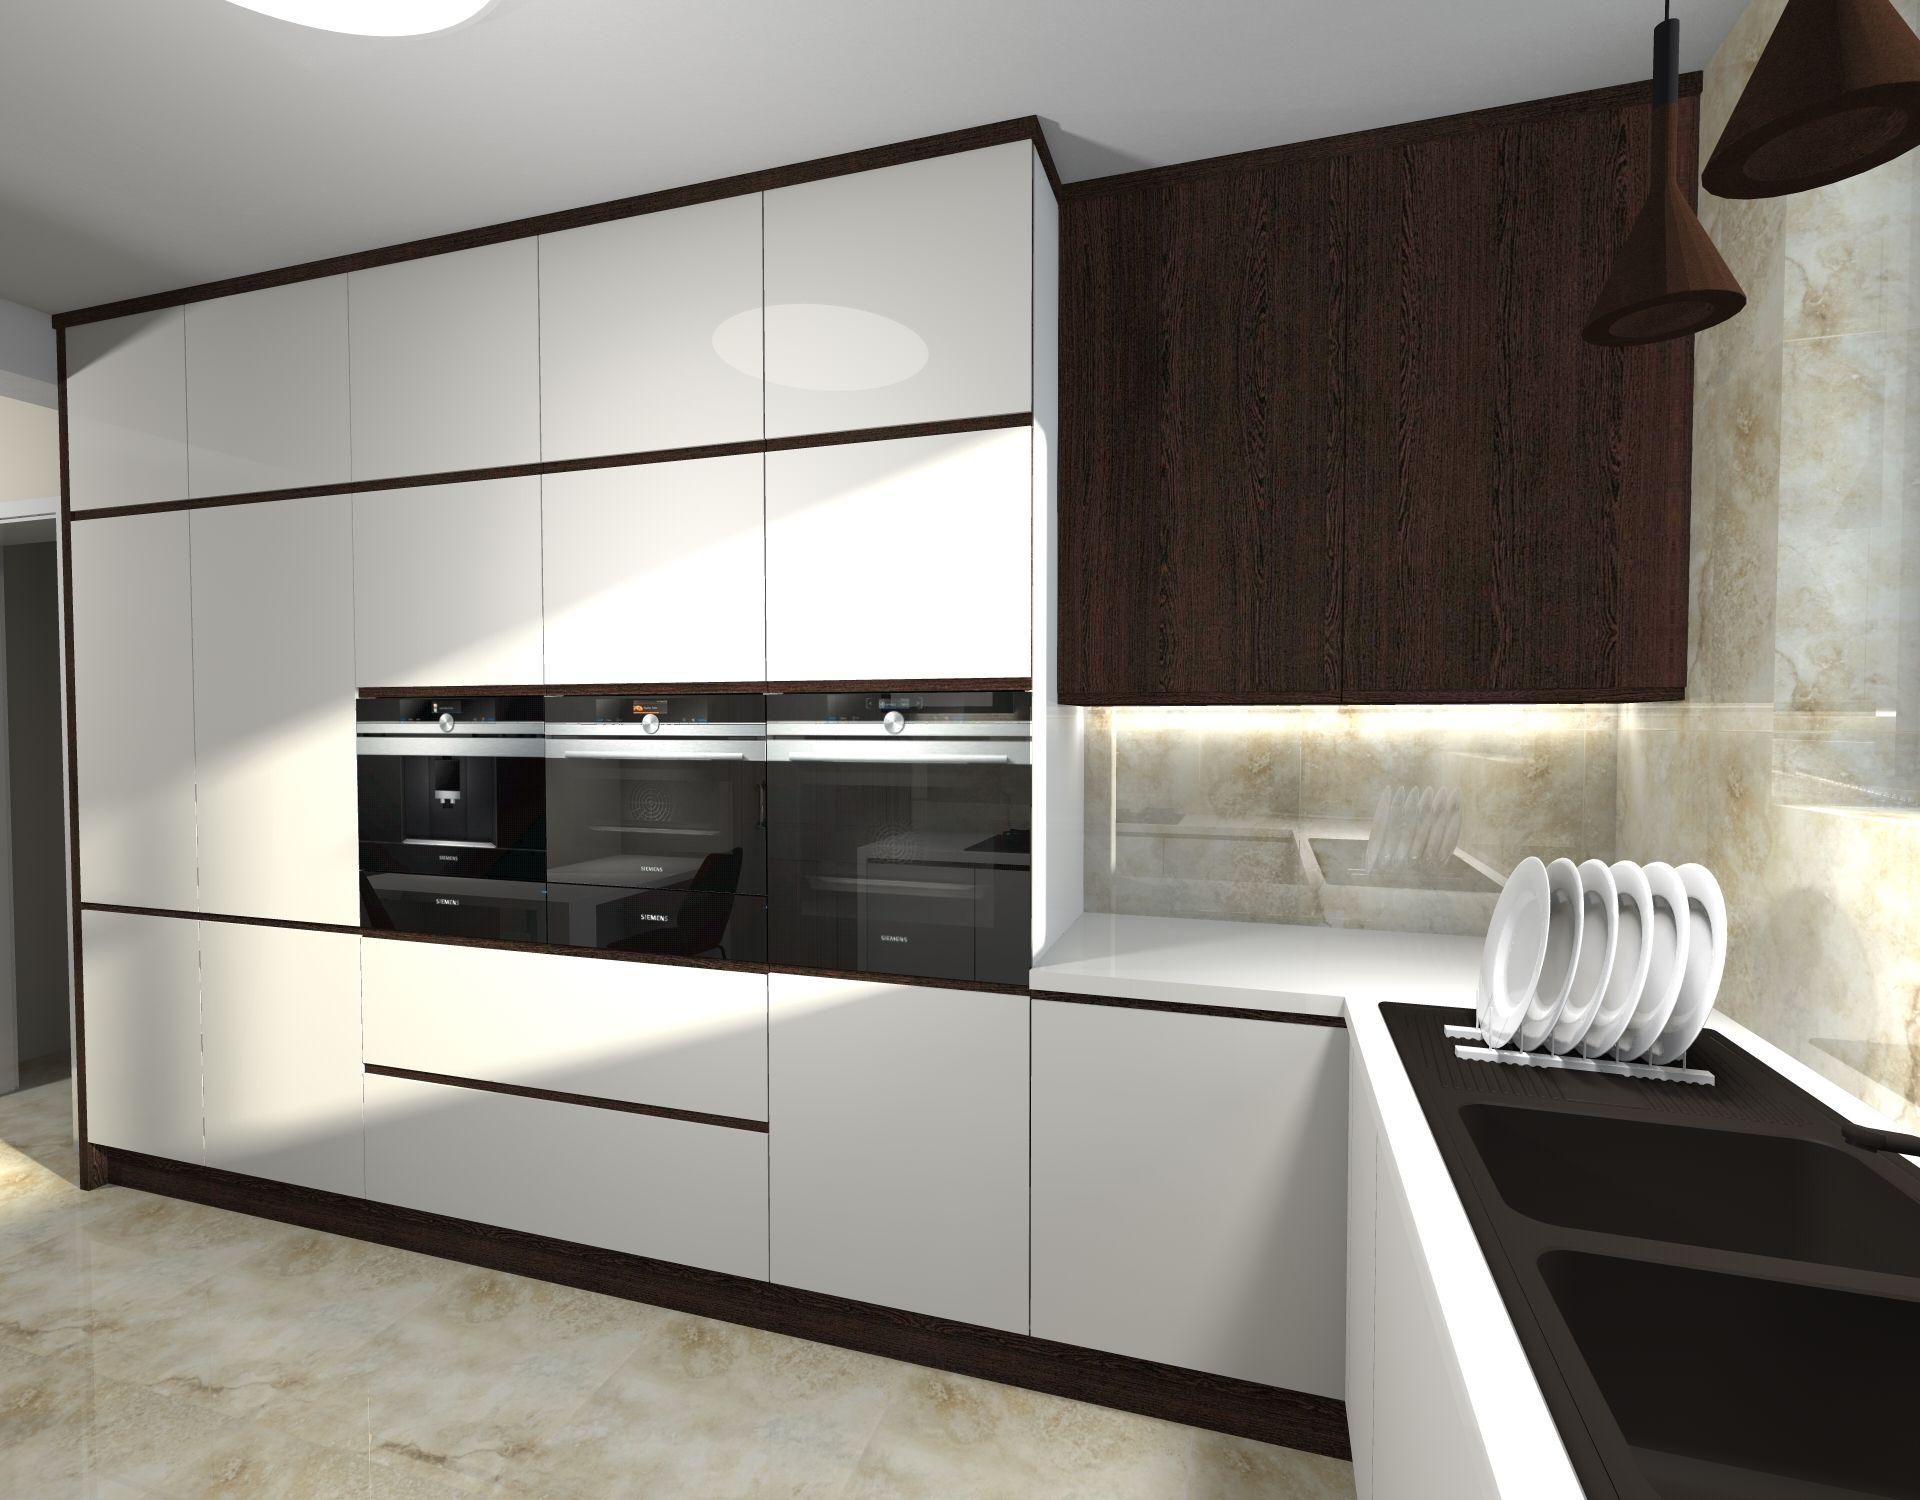 Projekt Kuchni W Domu Jednorodzinnym Lil Let Projektowanie Wnetrz Szczecin Kitchen Cabinets Home Decor Home